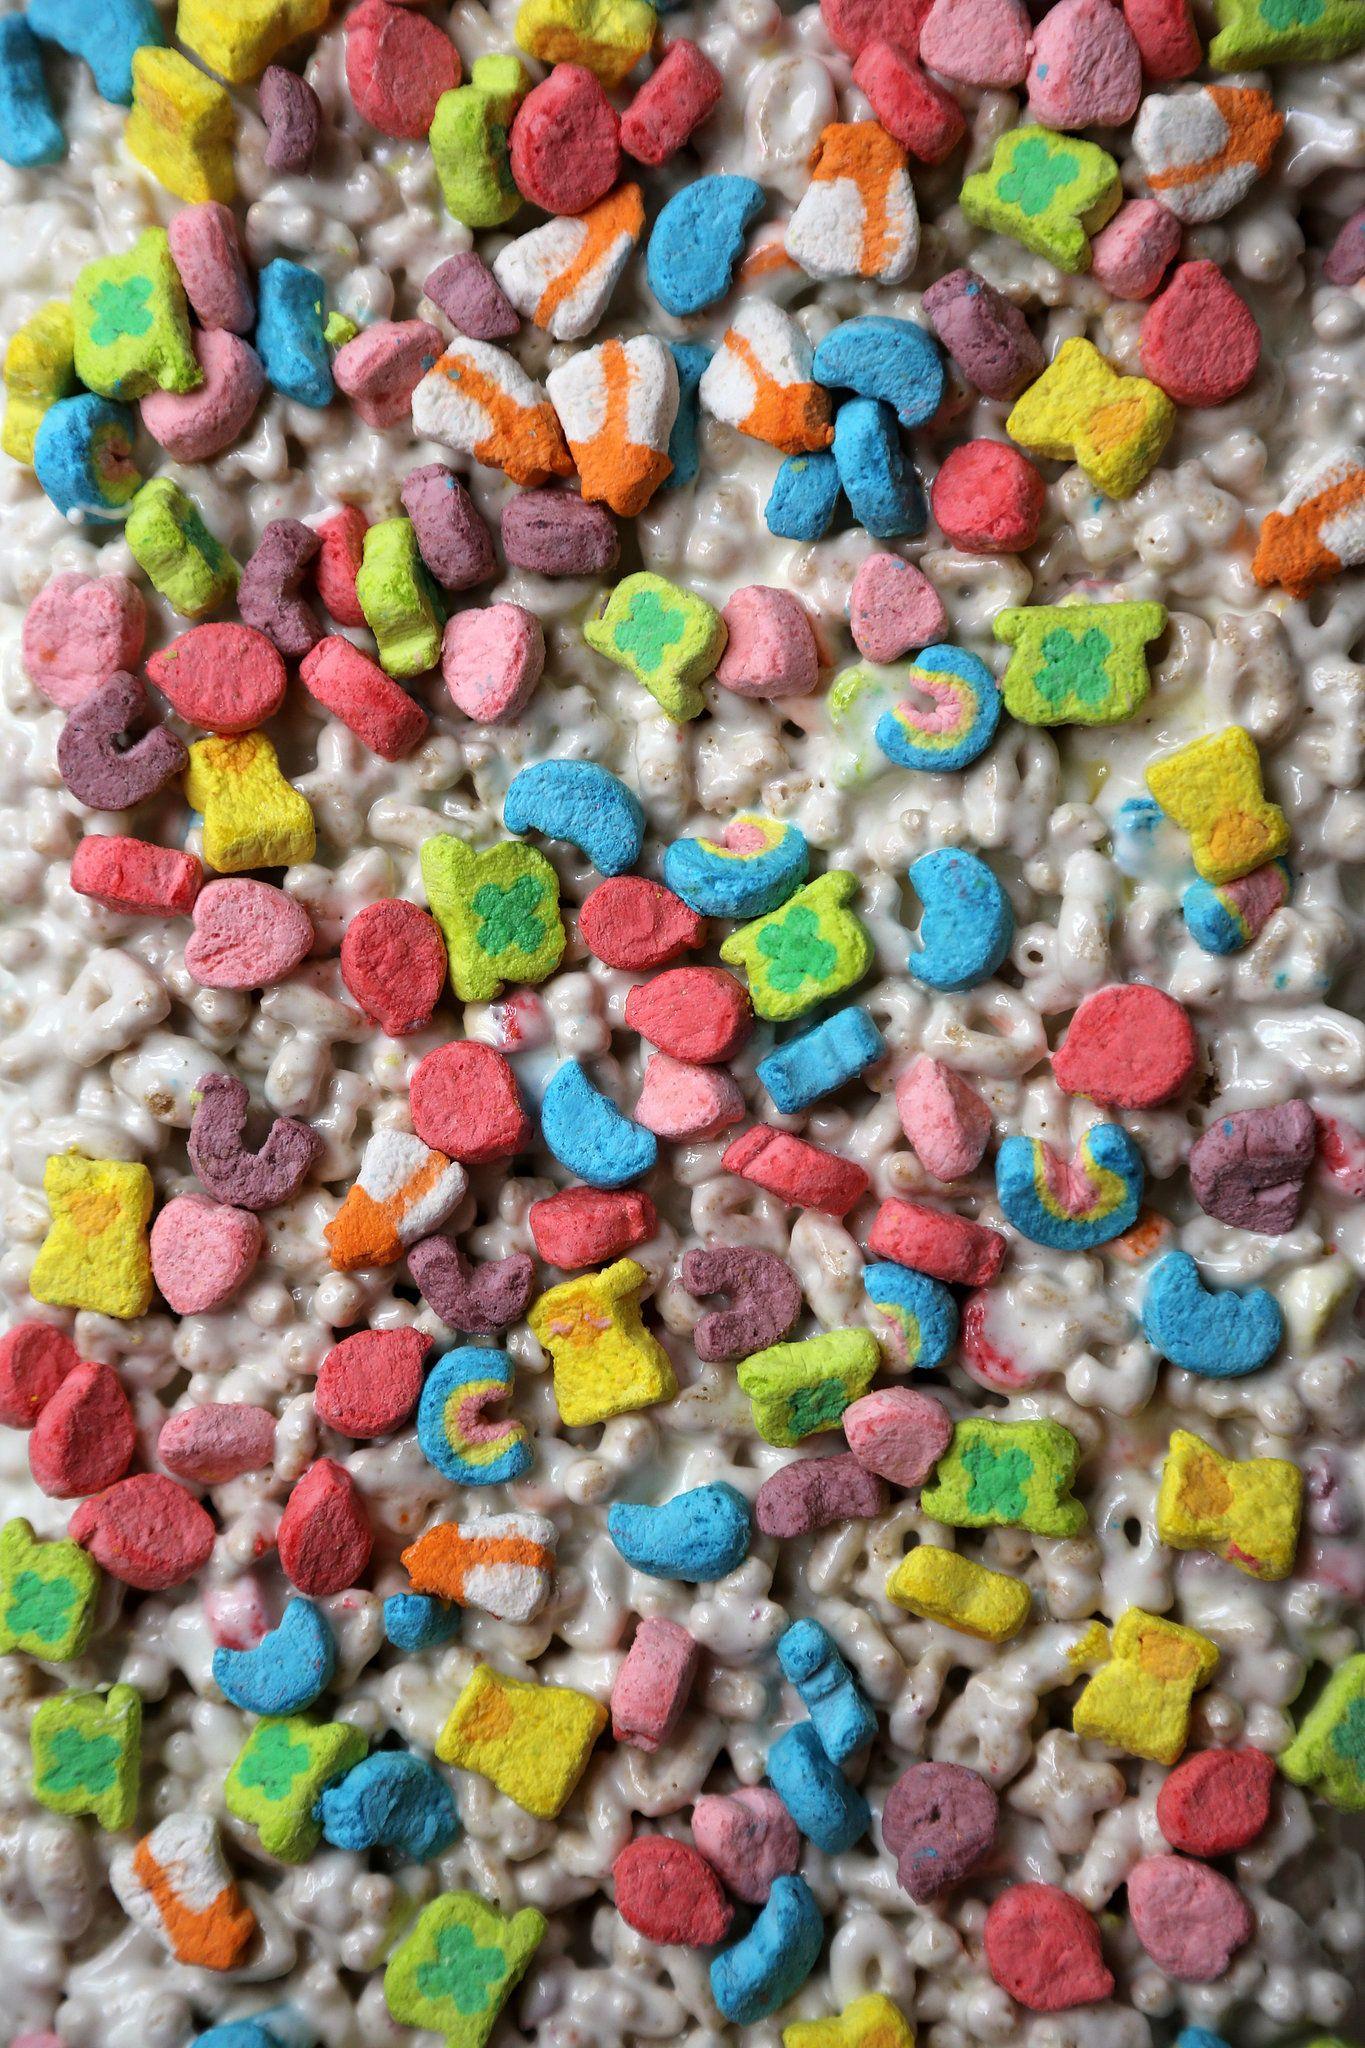 Lucky Charms Marshmallow Treats For Happy Snacking #marshmallowtreats